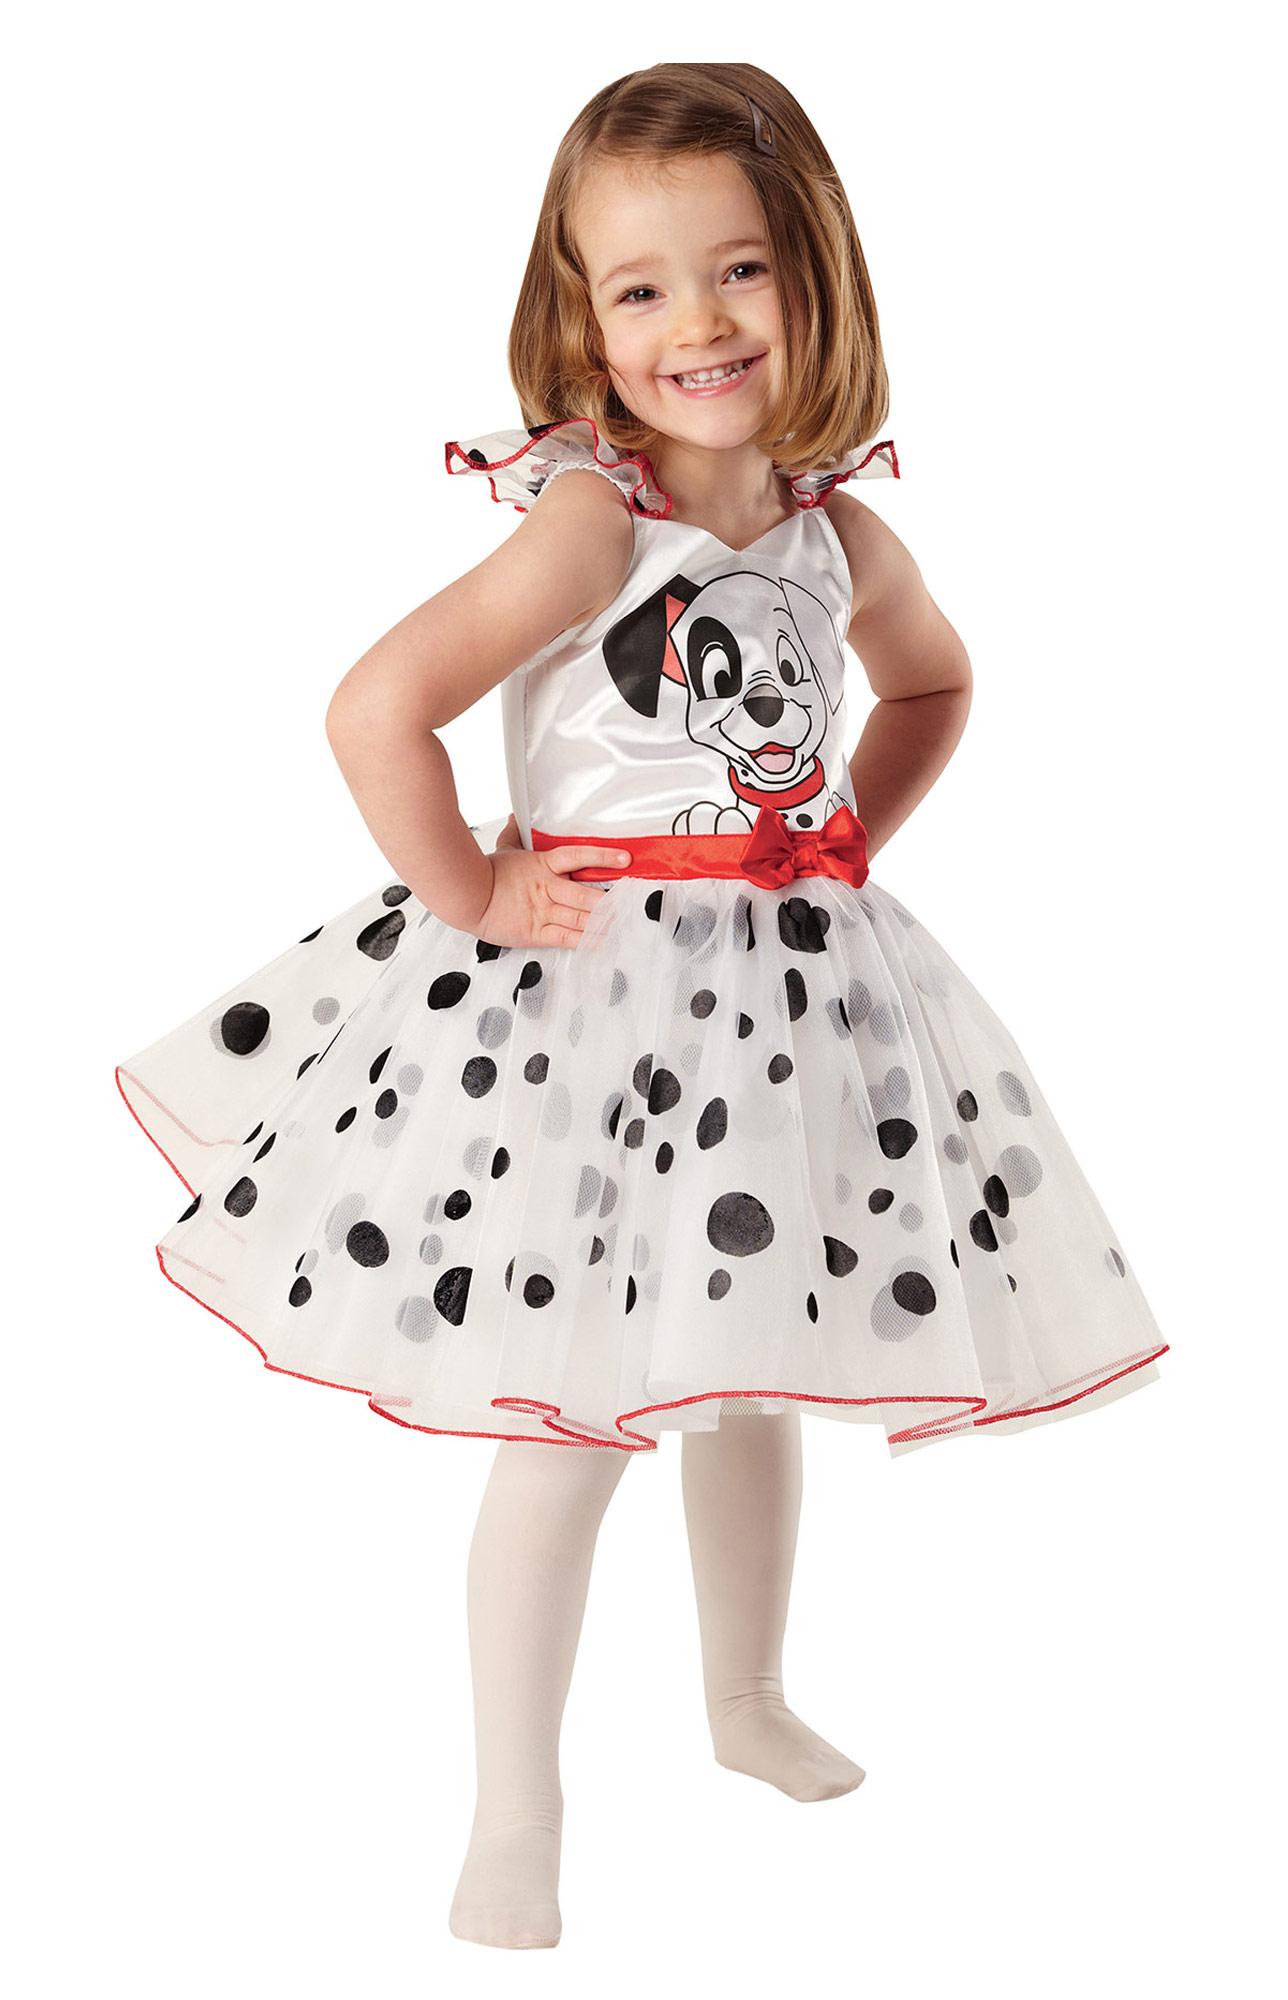 d guisement ballerine 101 dalmatiens enfant pour fille achat de d guisements enfants sur. Black Bedroom Furniture Sets. Home Design Ideas